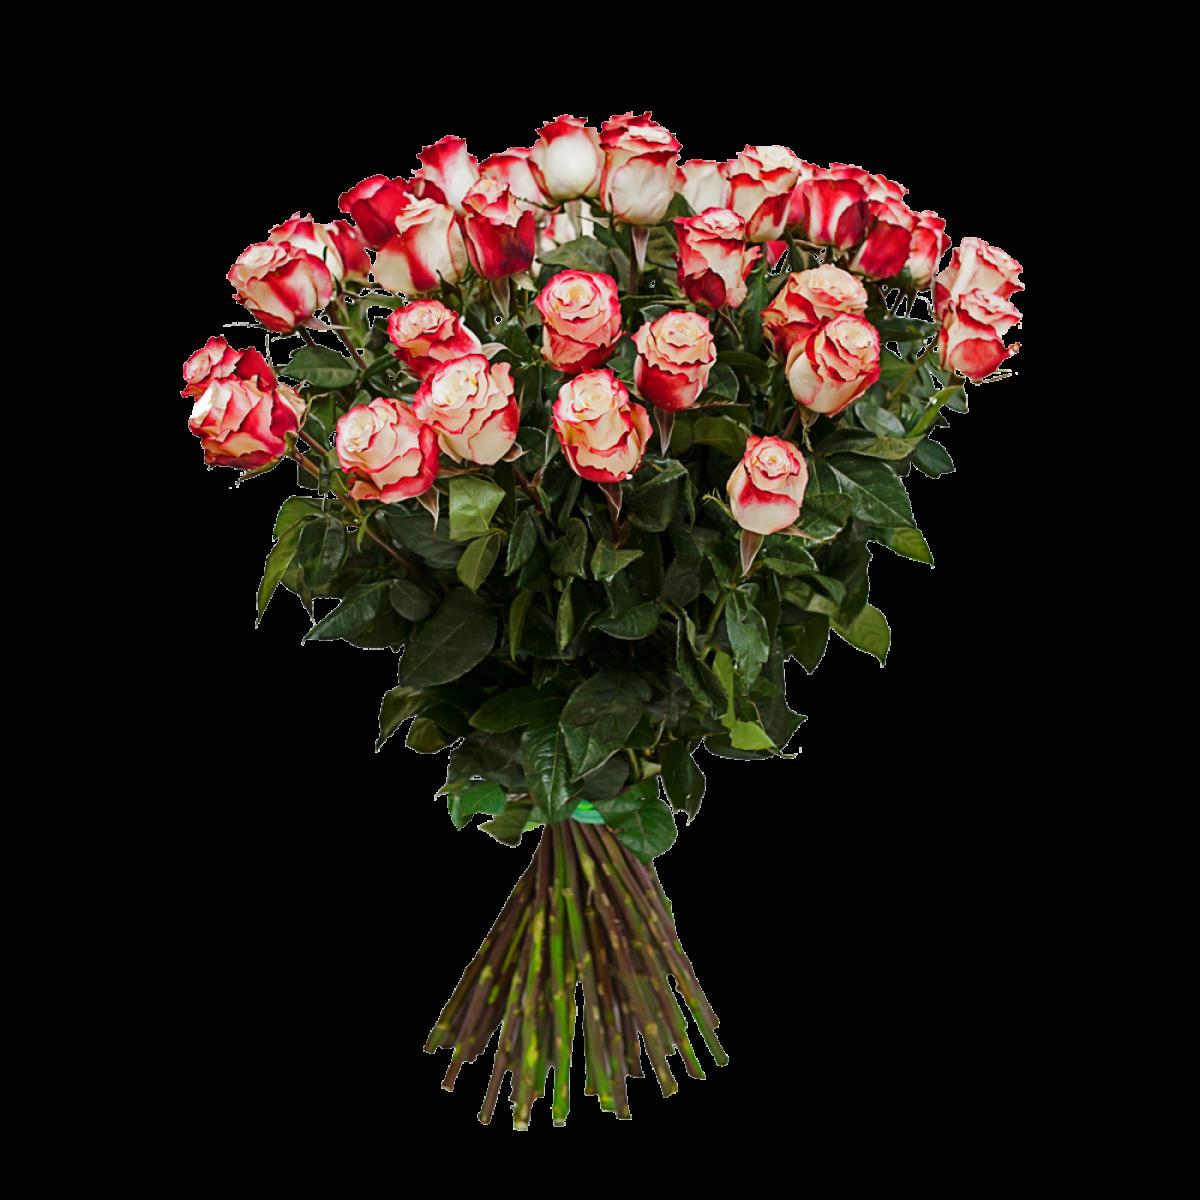 Букет от 11 до 15 биколорни бяло/червени рози (ти избираш броя)